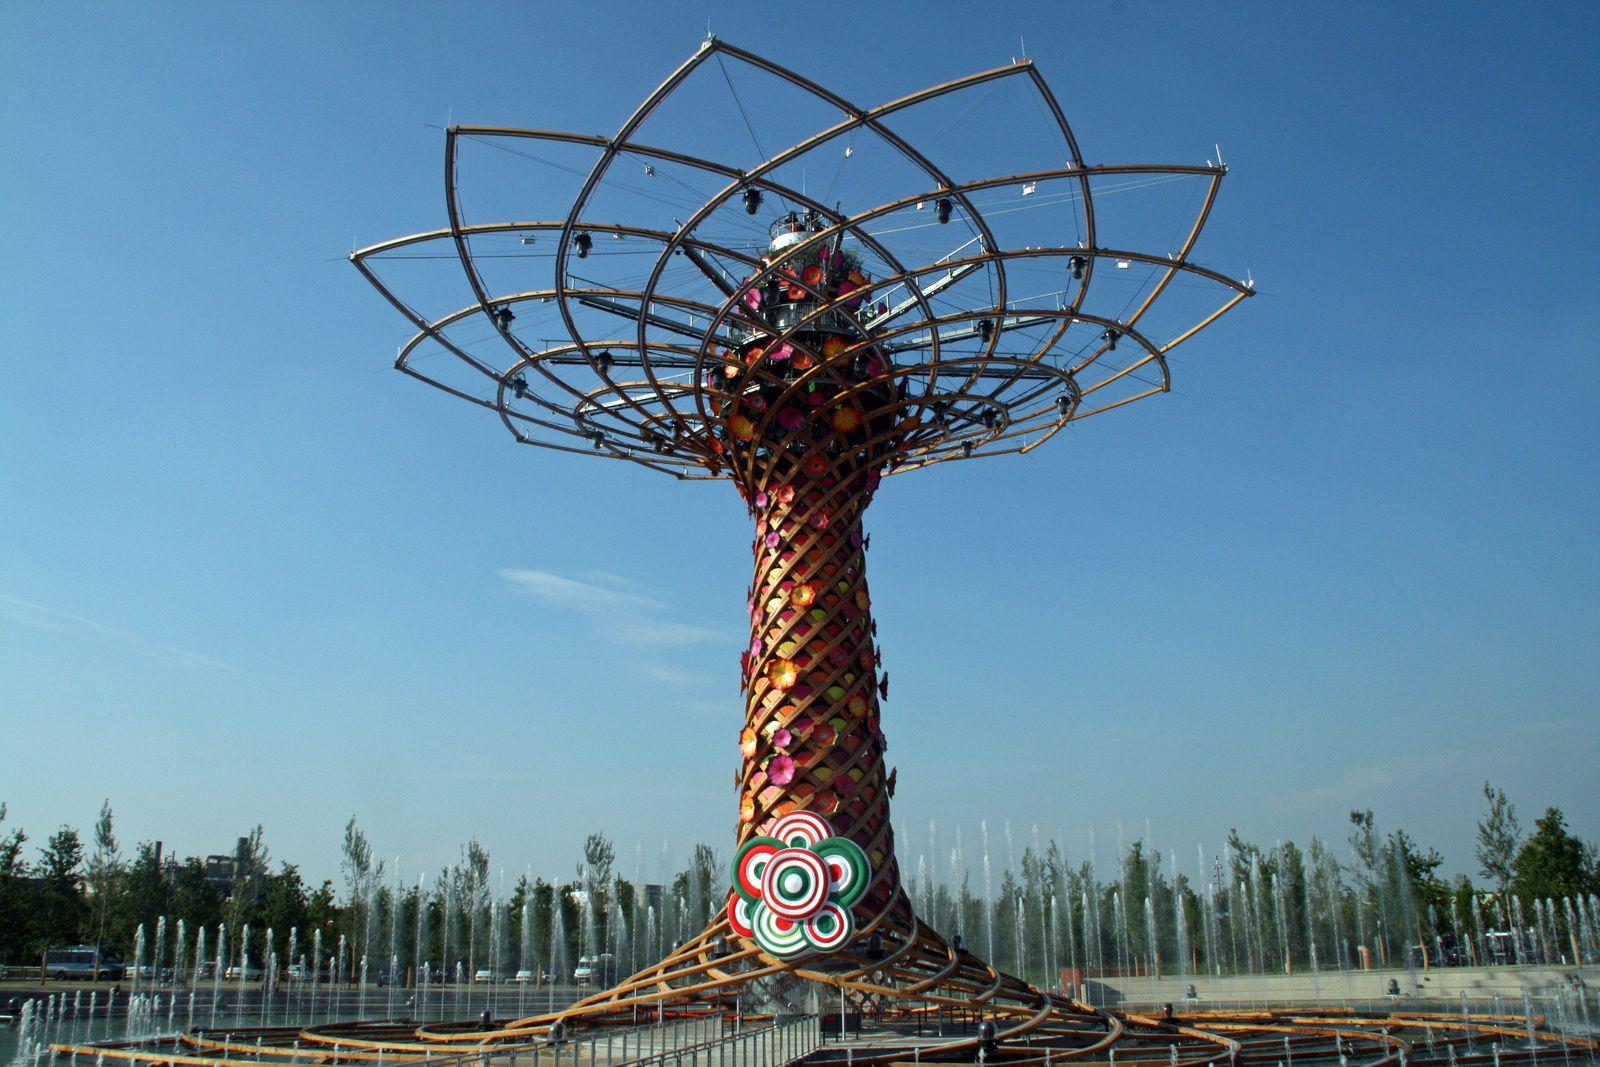 Symbole de l'Expo : l'Arbre de Vie, réalisé en bois et acier et haut de 37 mètres. Il est à revoir la nuit tombée quand il s'illumine pour un son et lumière magistral.